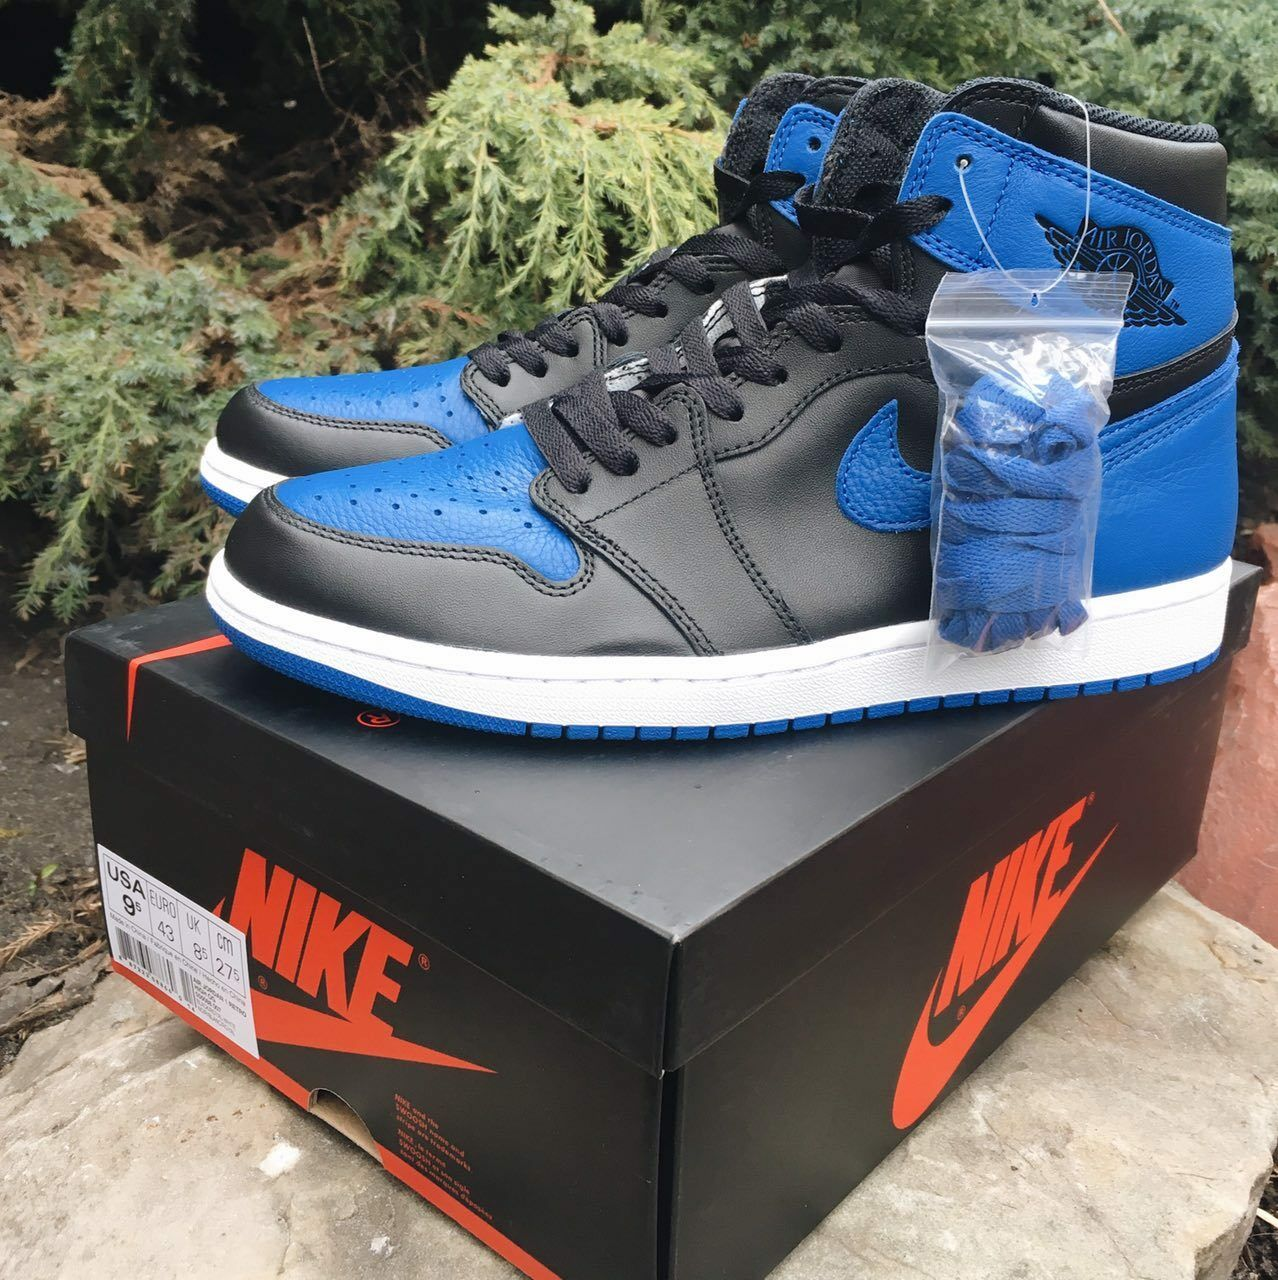 Nike Air Jordan Retro 1 I HIGH OG ROYAL blueE VARSITY BLACK 555088-007 Mens US12